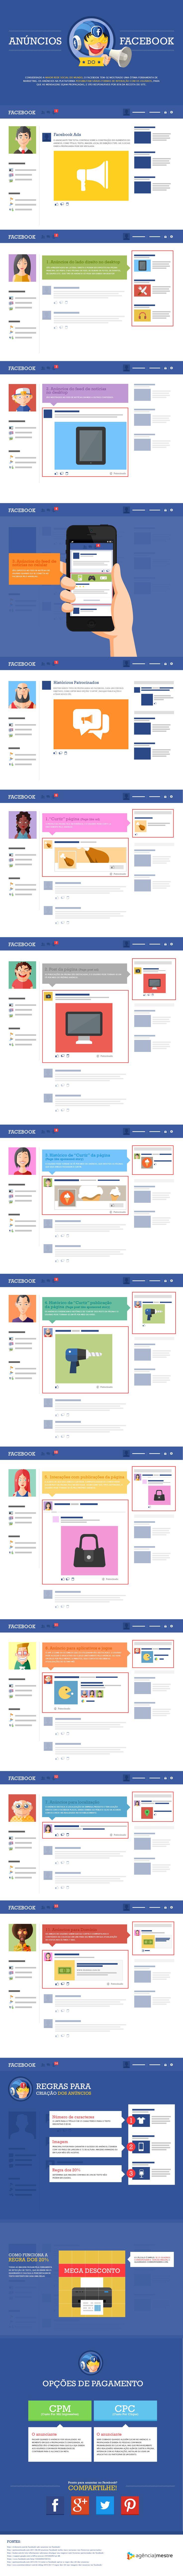 Guia de Anúncios do Facebook [infografico]